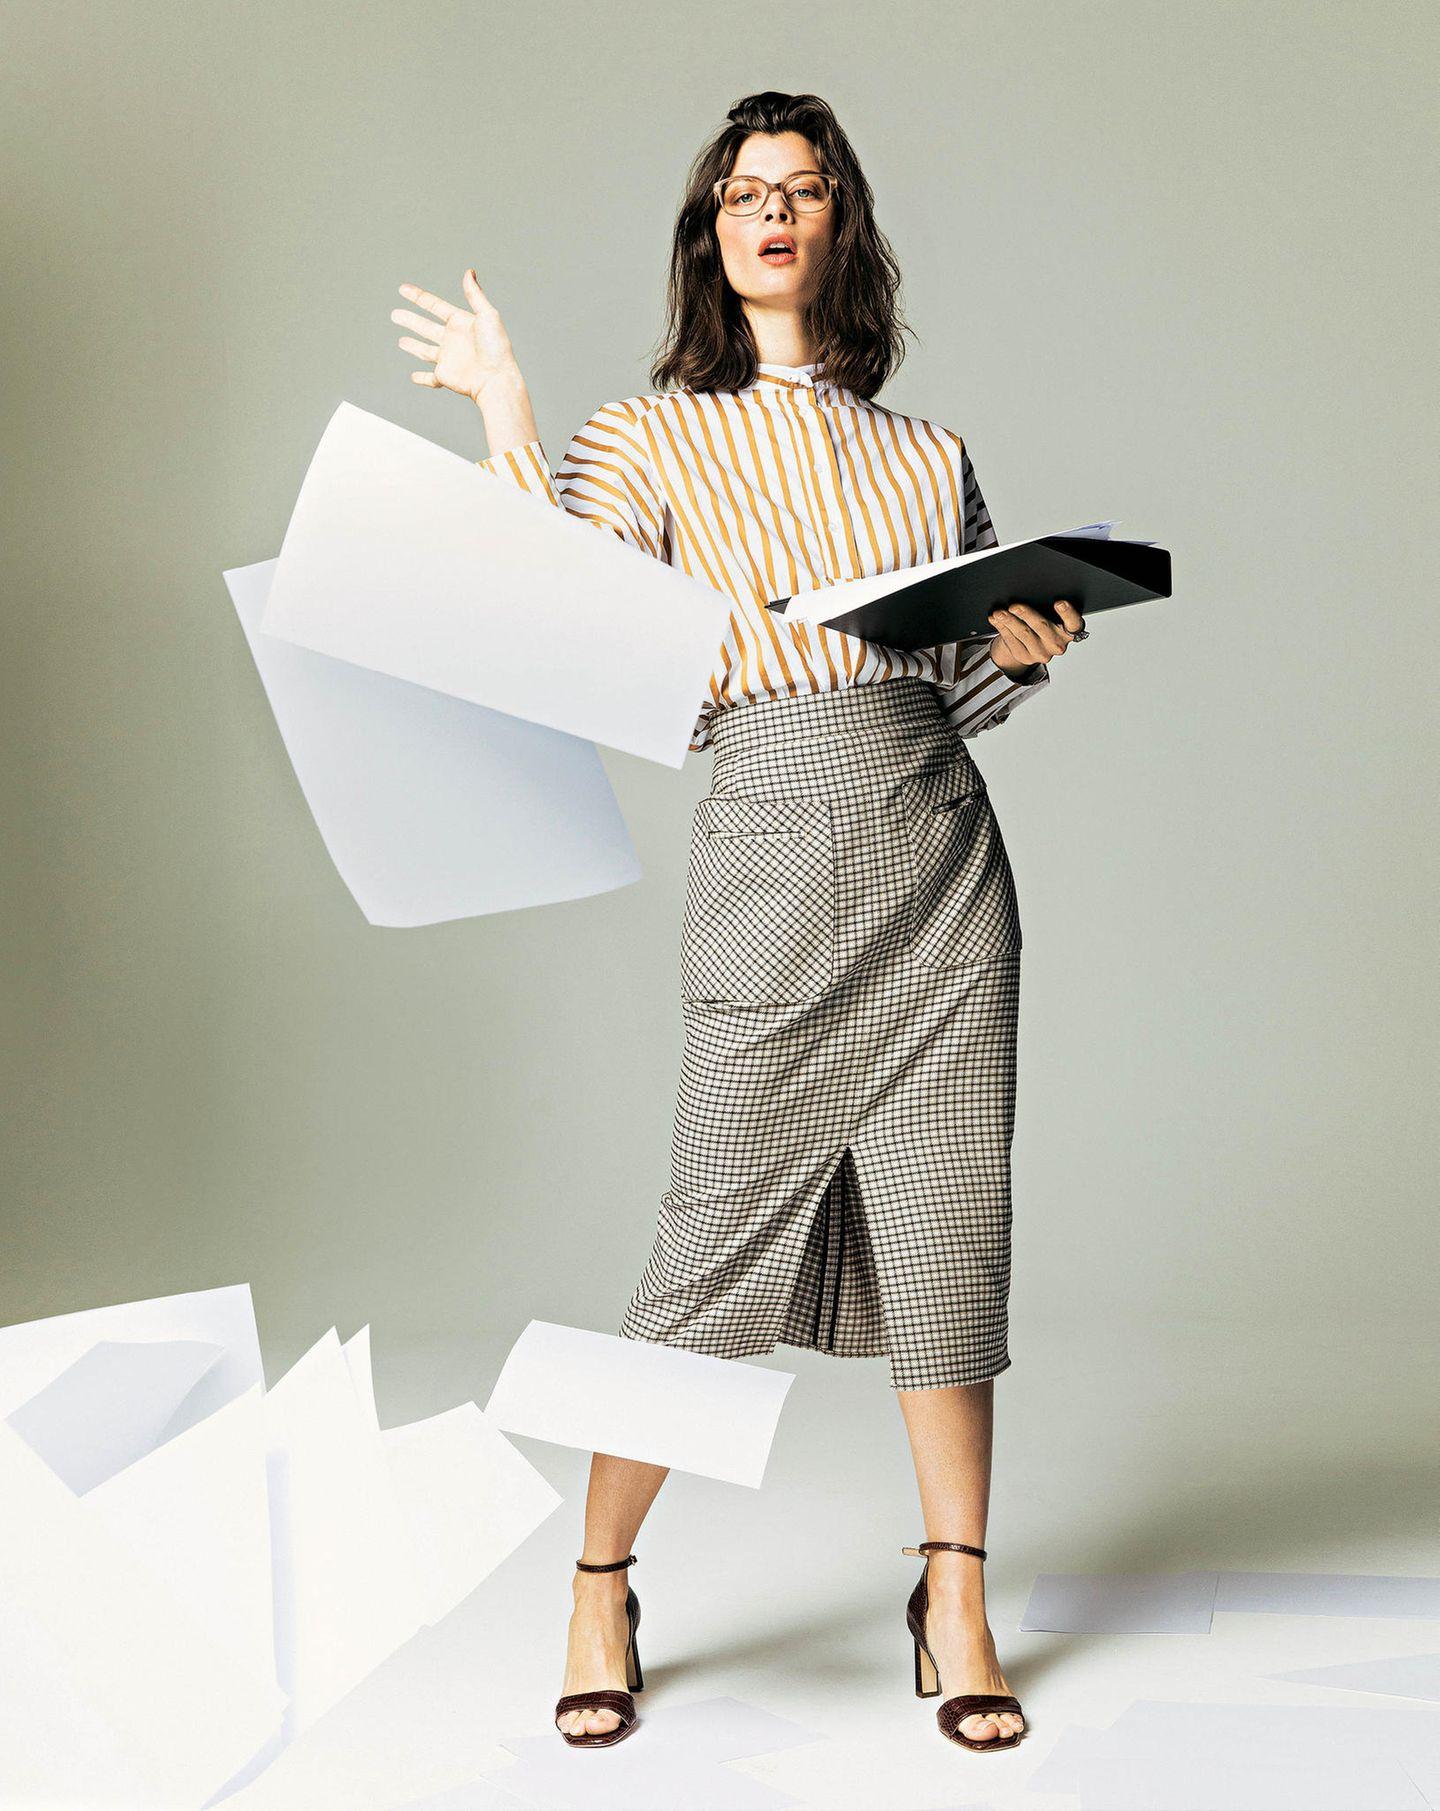 Büro-Look: Bleistiftrock